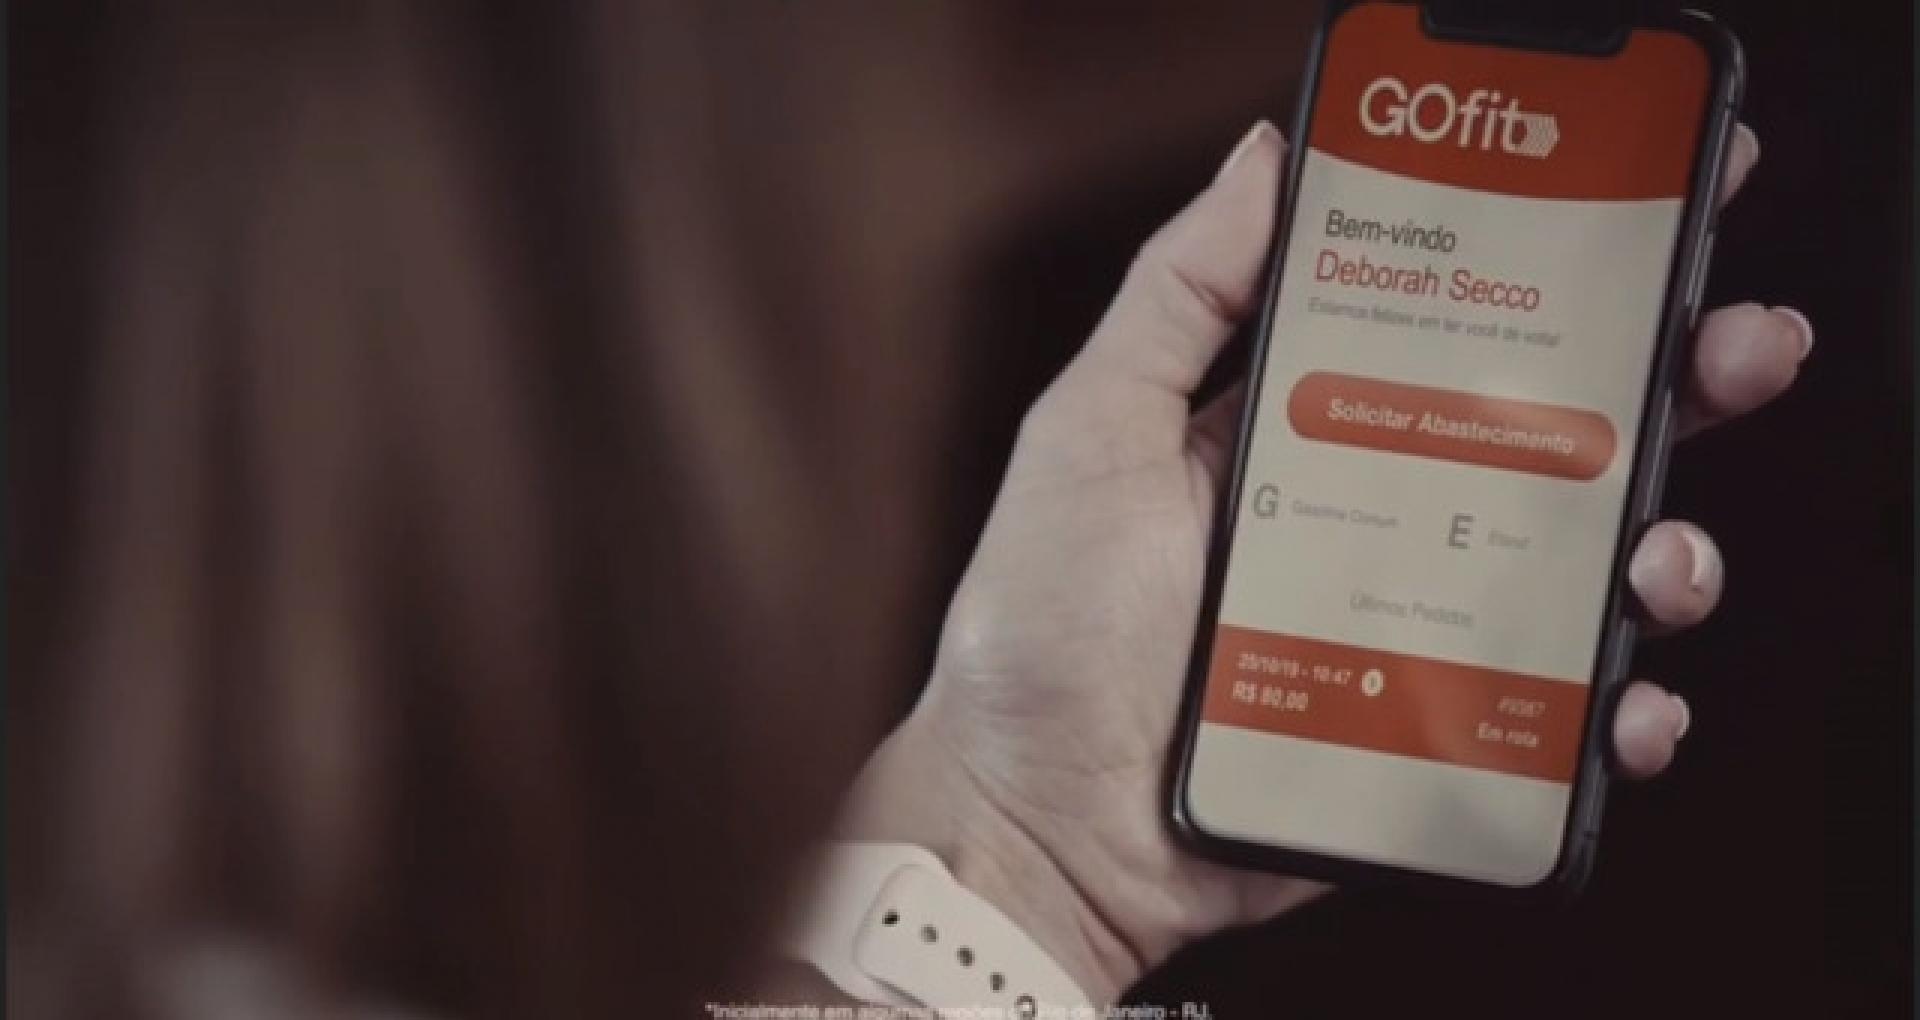 GOFit - Abastecimento Delivery IOS - Imagem 1 do software